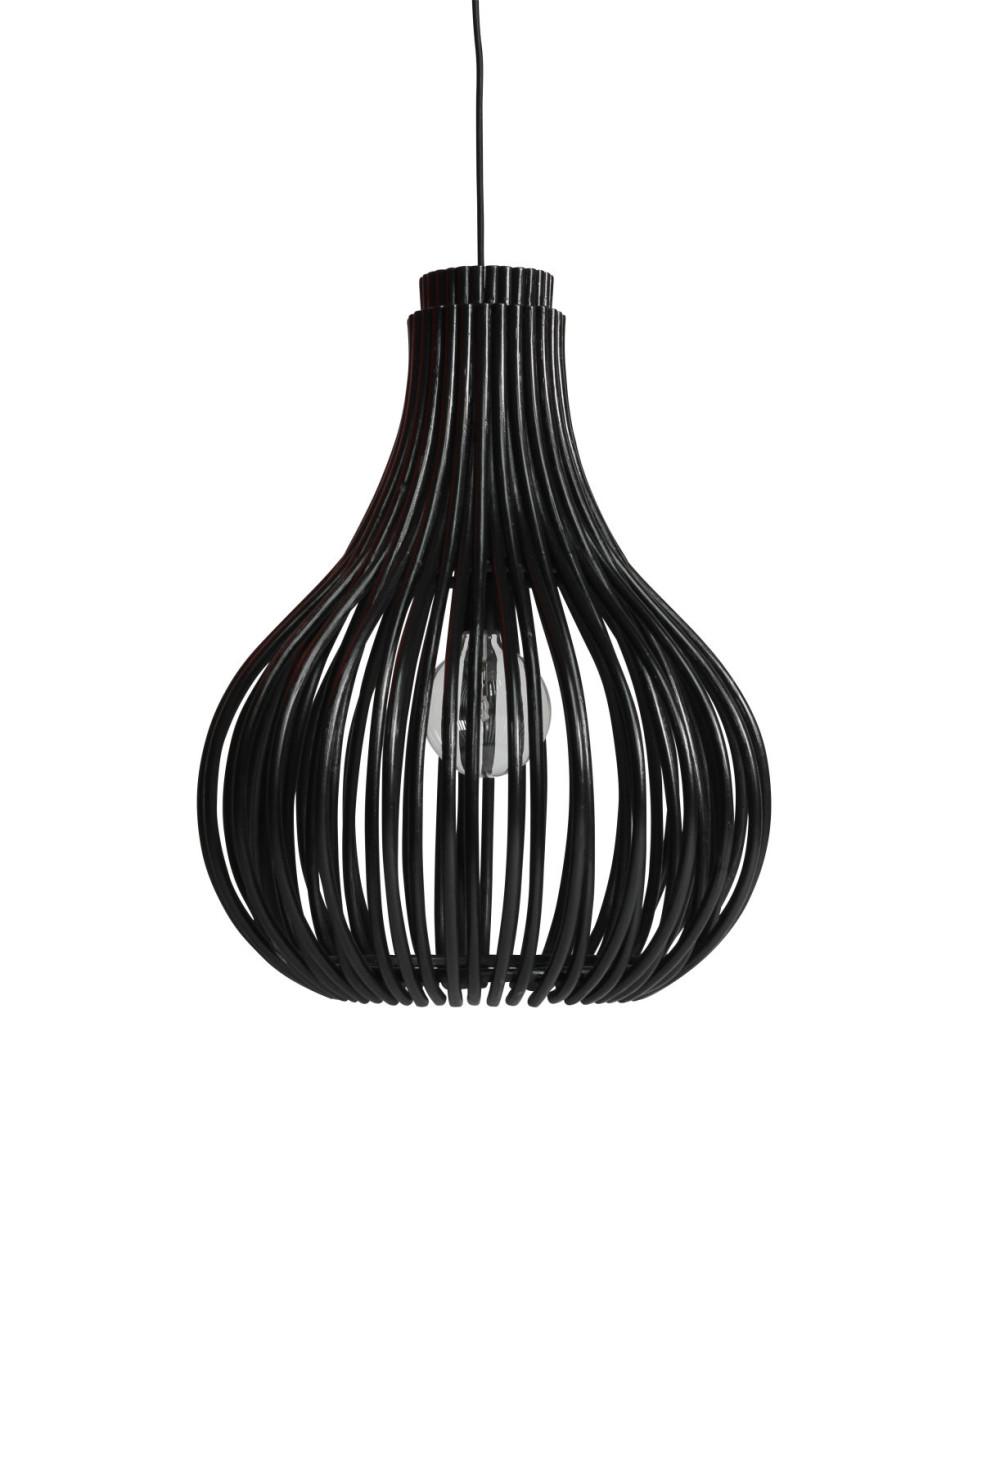 bulb vincent sheppard dydell nl. Black Bedroom Furniture Sets. Home Design Ideas